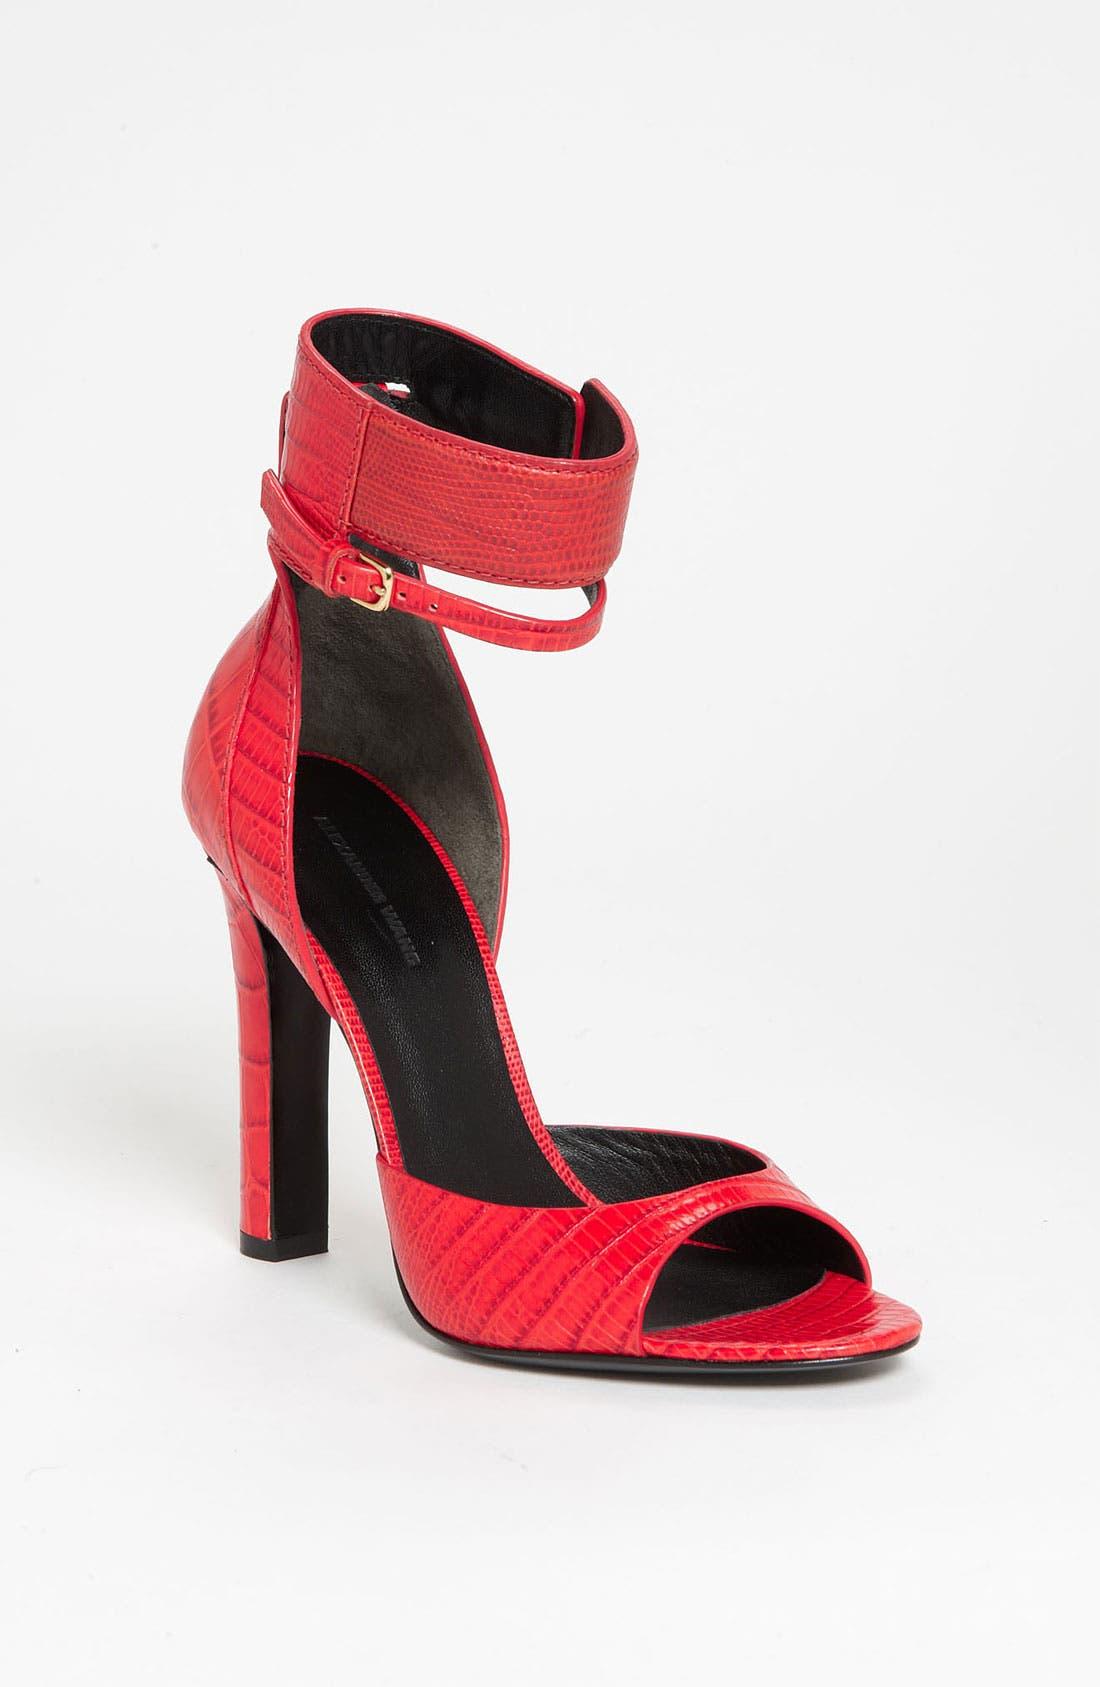 Main Image - Alexander Wang 'Aminata' Sandal